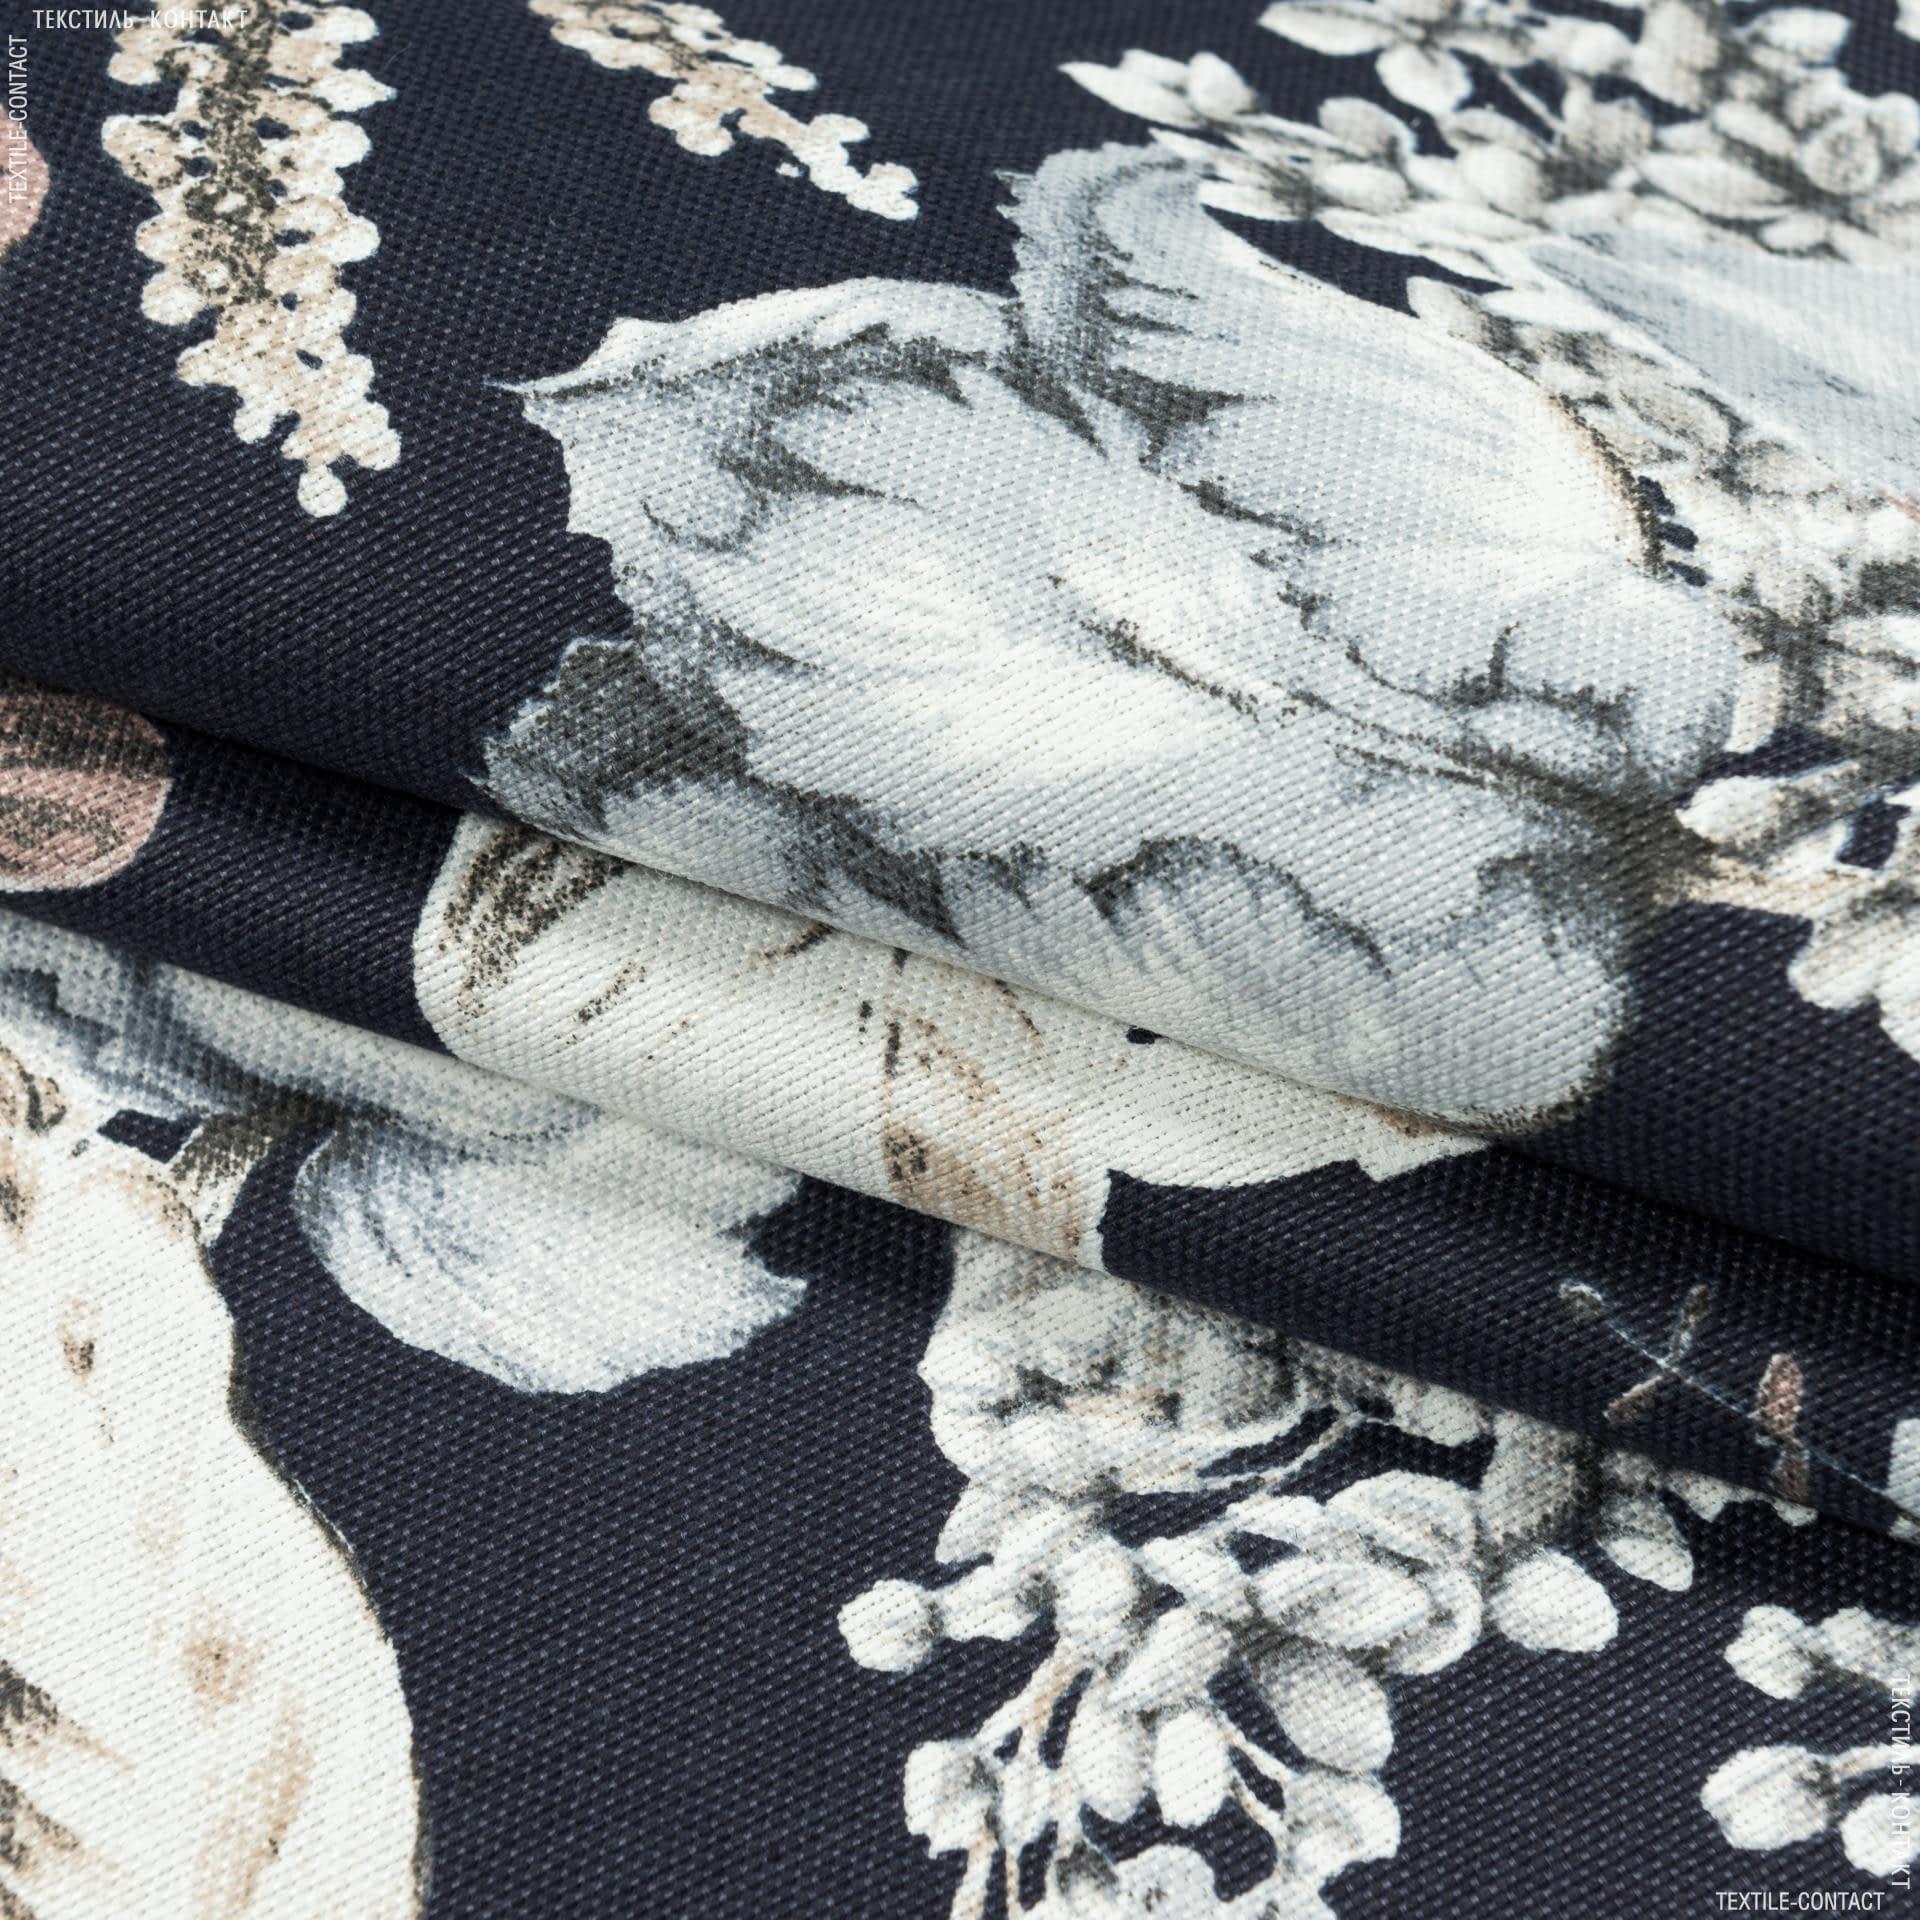 Ткани портьерные ткани - Декоративная ткань панама идалия цветы/idalia  св.серый